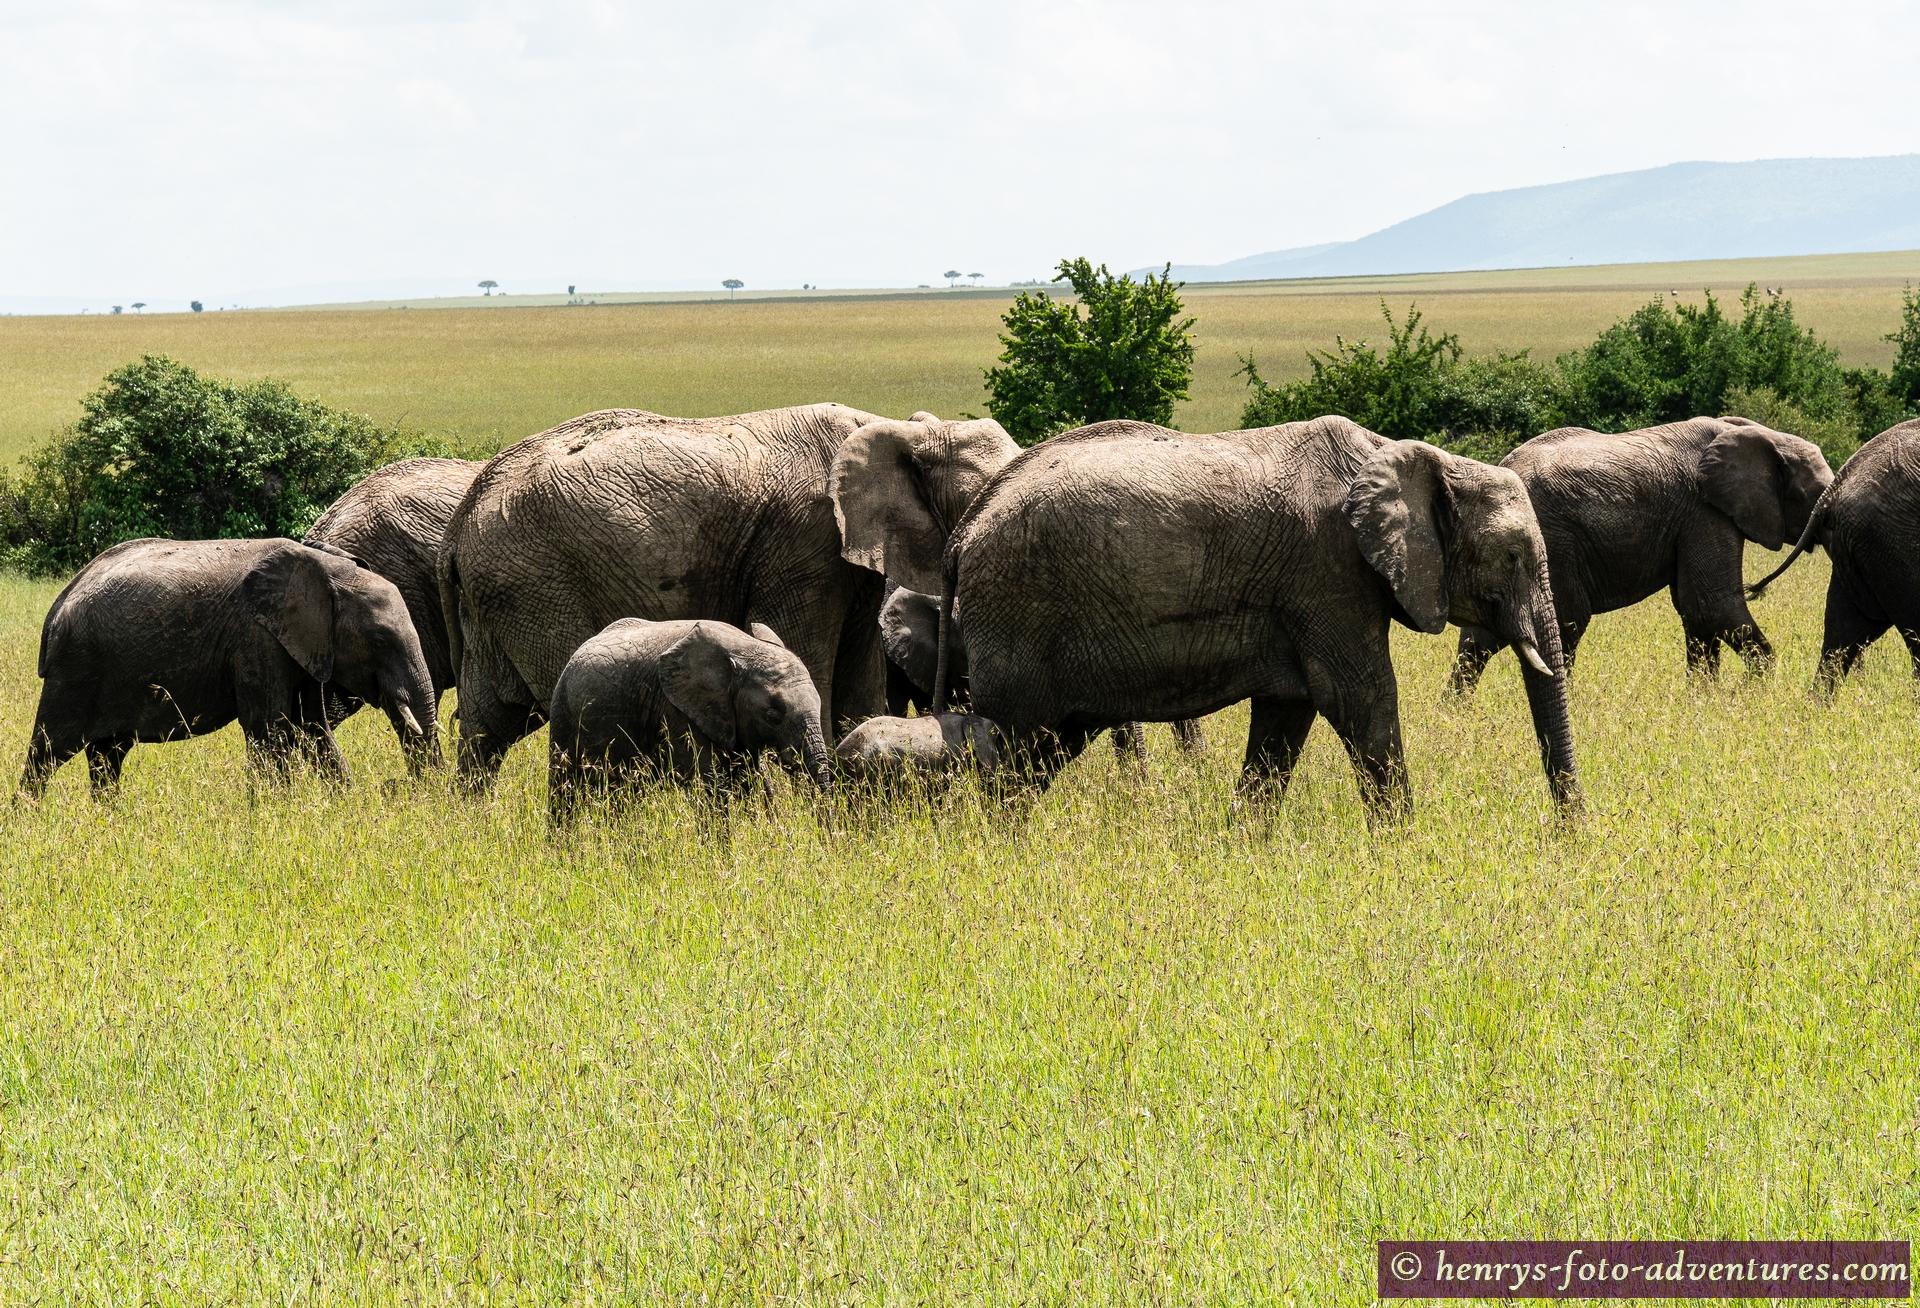 da kommt ja wieder unsere Elefantenherde